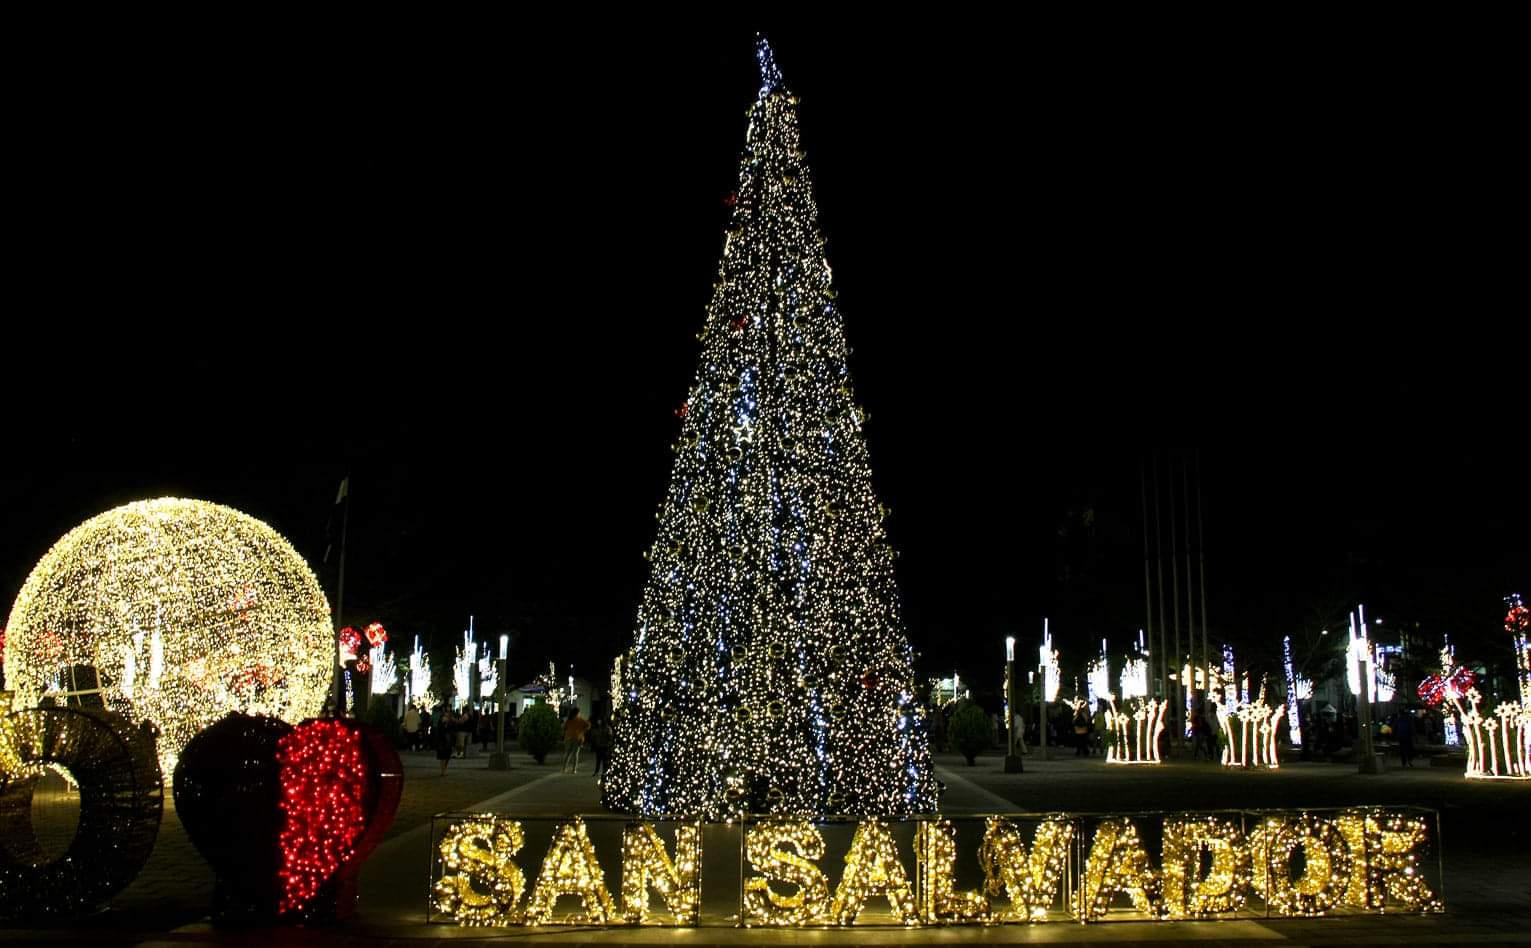 El árbol de navidad tiene raíces germánicas y fue el evangelizador alemán San Bonifacio, uno de los promotores de esta mezcla de costumbres, lo cual reemplazo uno de los árboles que representaba al Dios Odín, por un pino para honrar al Dios cristiano, lo cual ahora lo conocemos como Jesús.